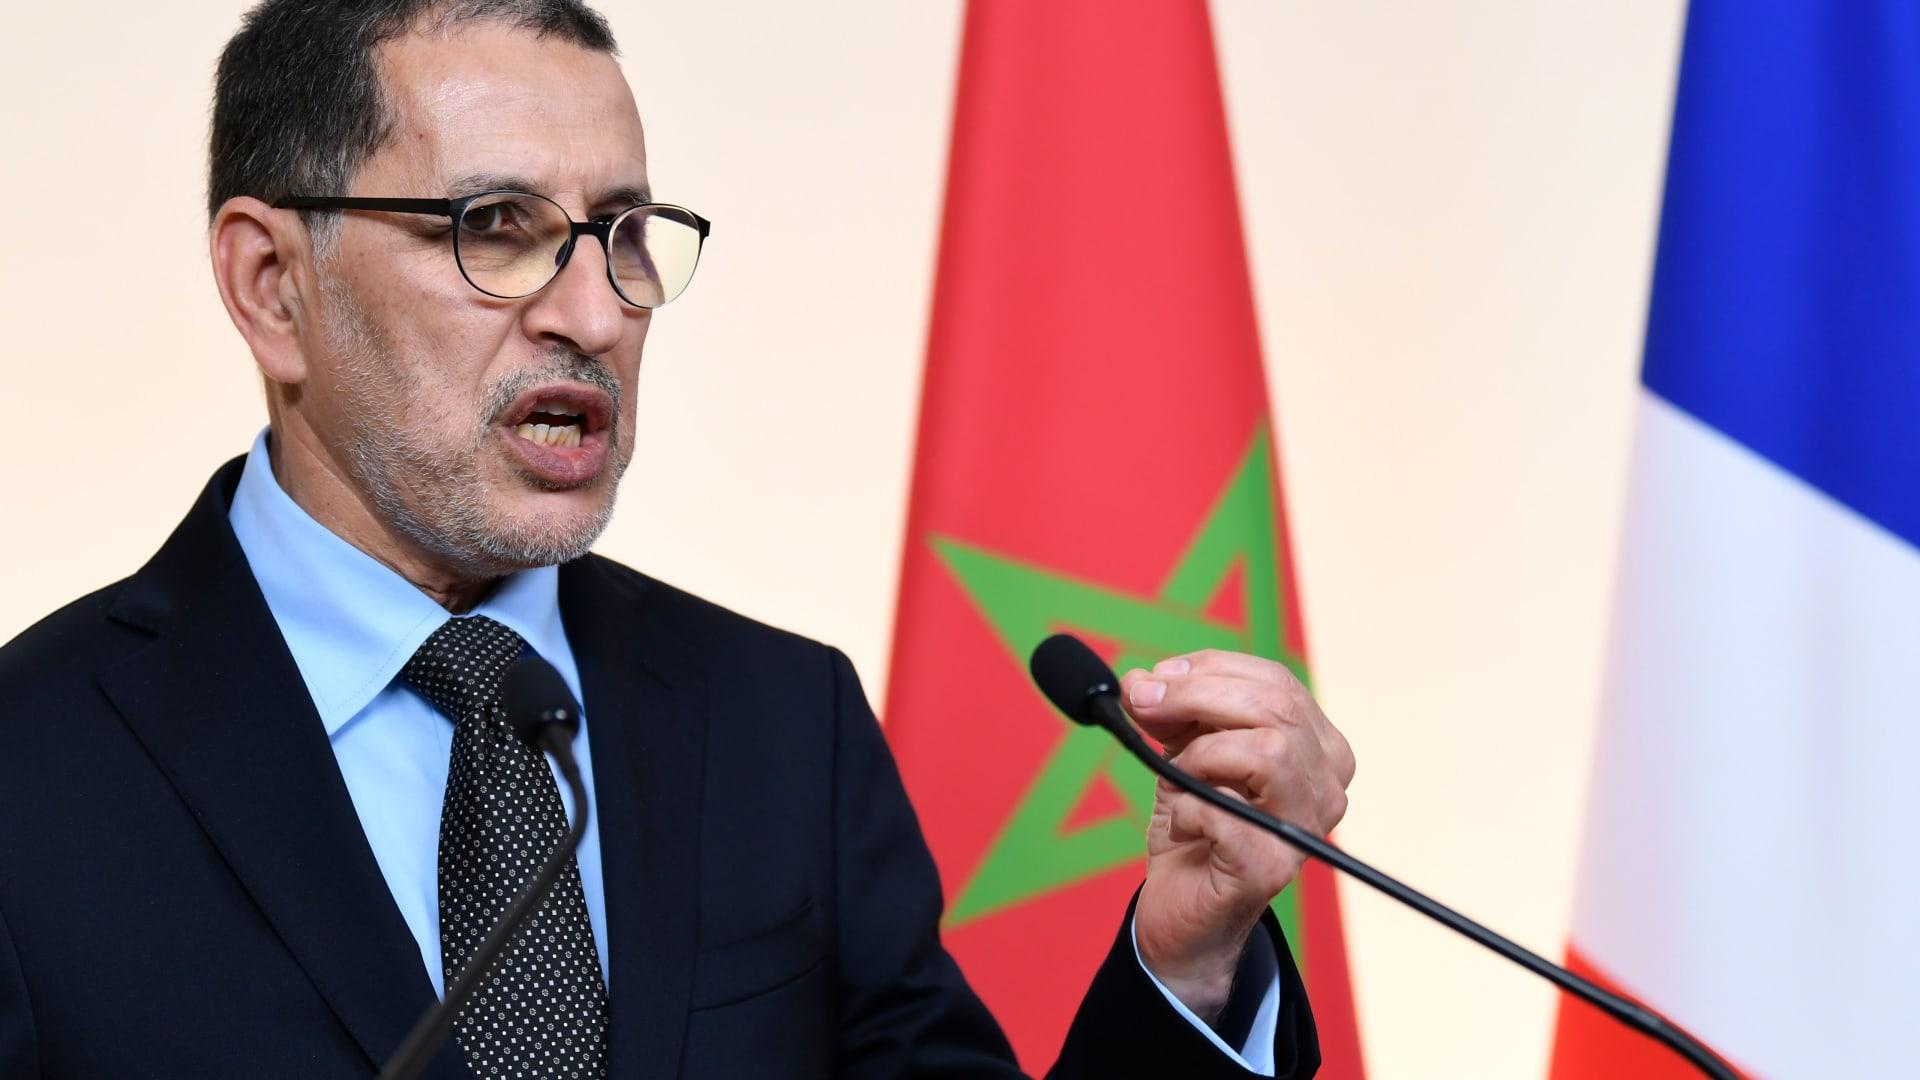 """بعد التطبيع مع إسرائيل.. المغرب يُعلن موقفه من """"صفقة القرن"""" و""""تهويد القدس"""""""